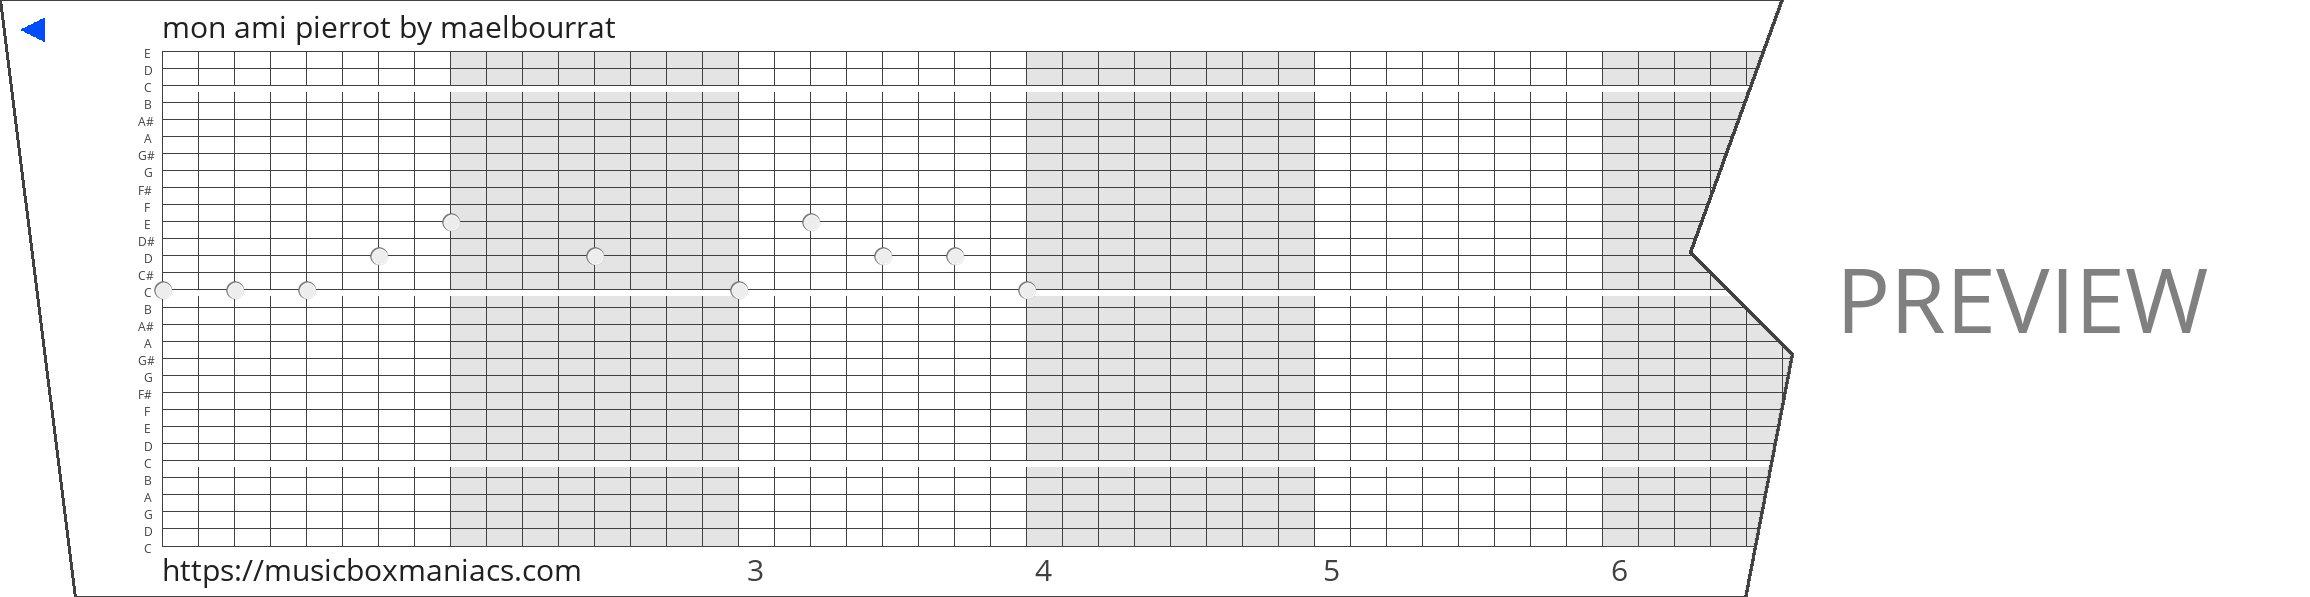 mon ami pierrot 30 note music box paper strip